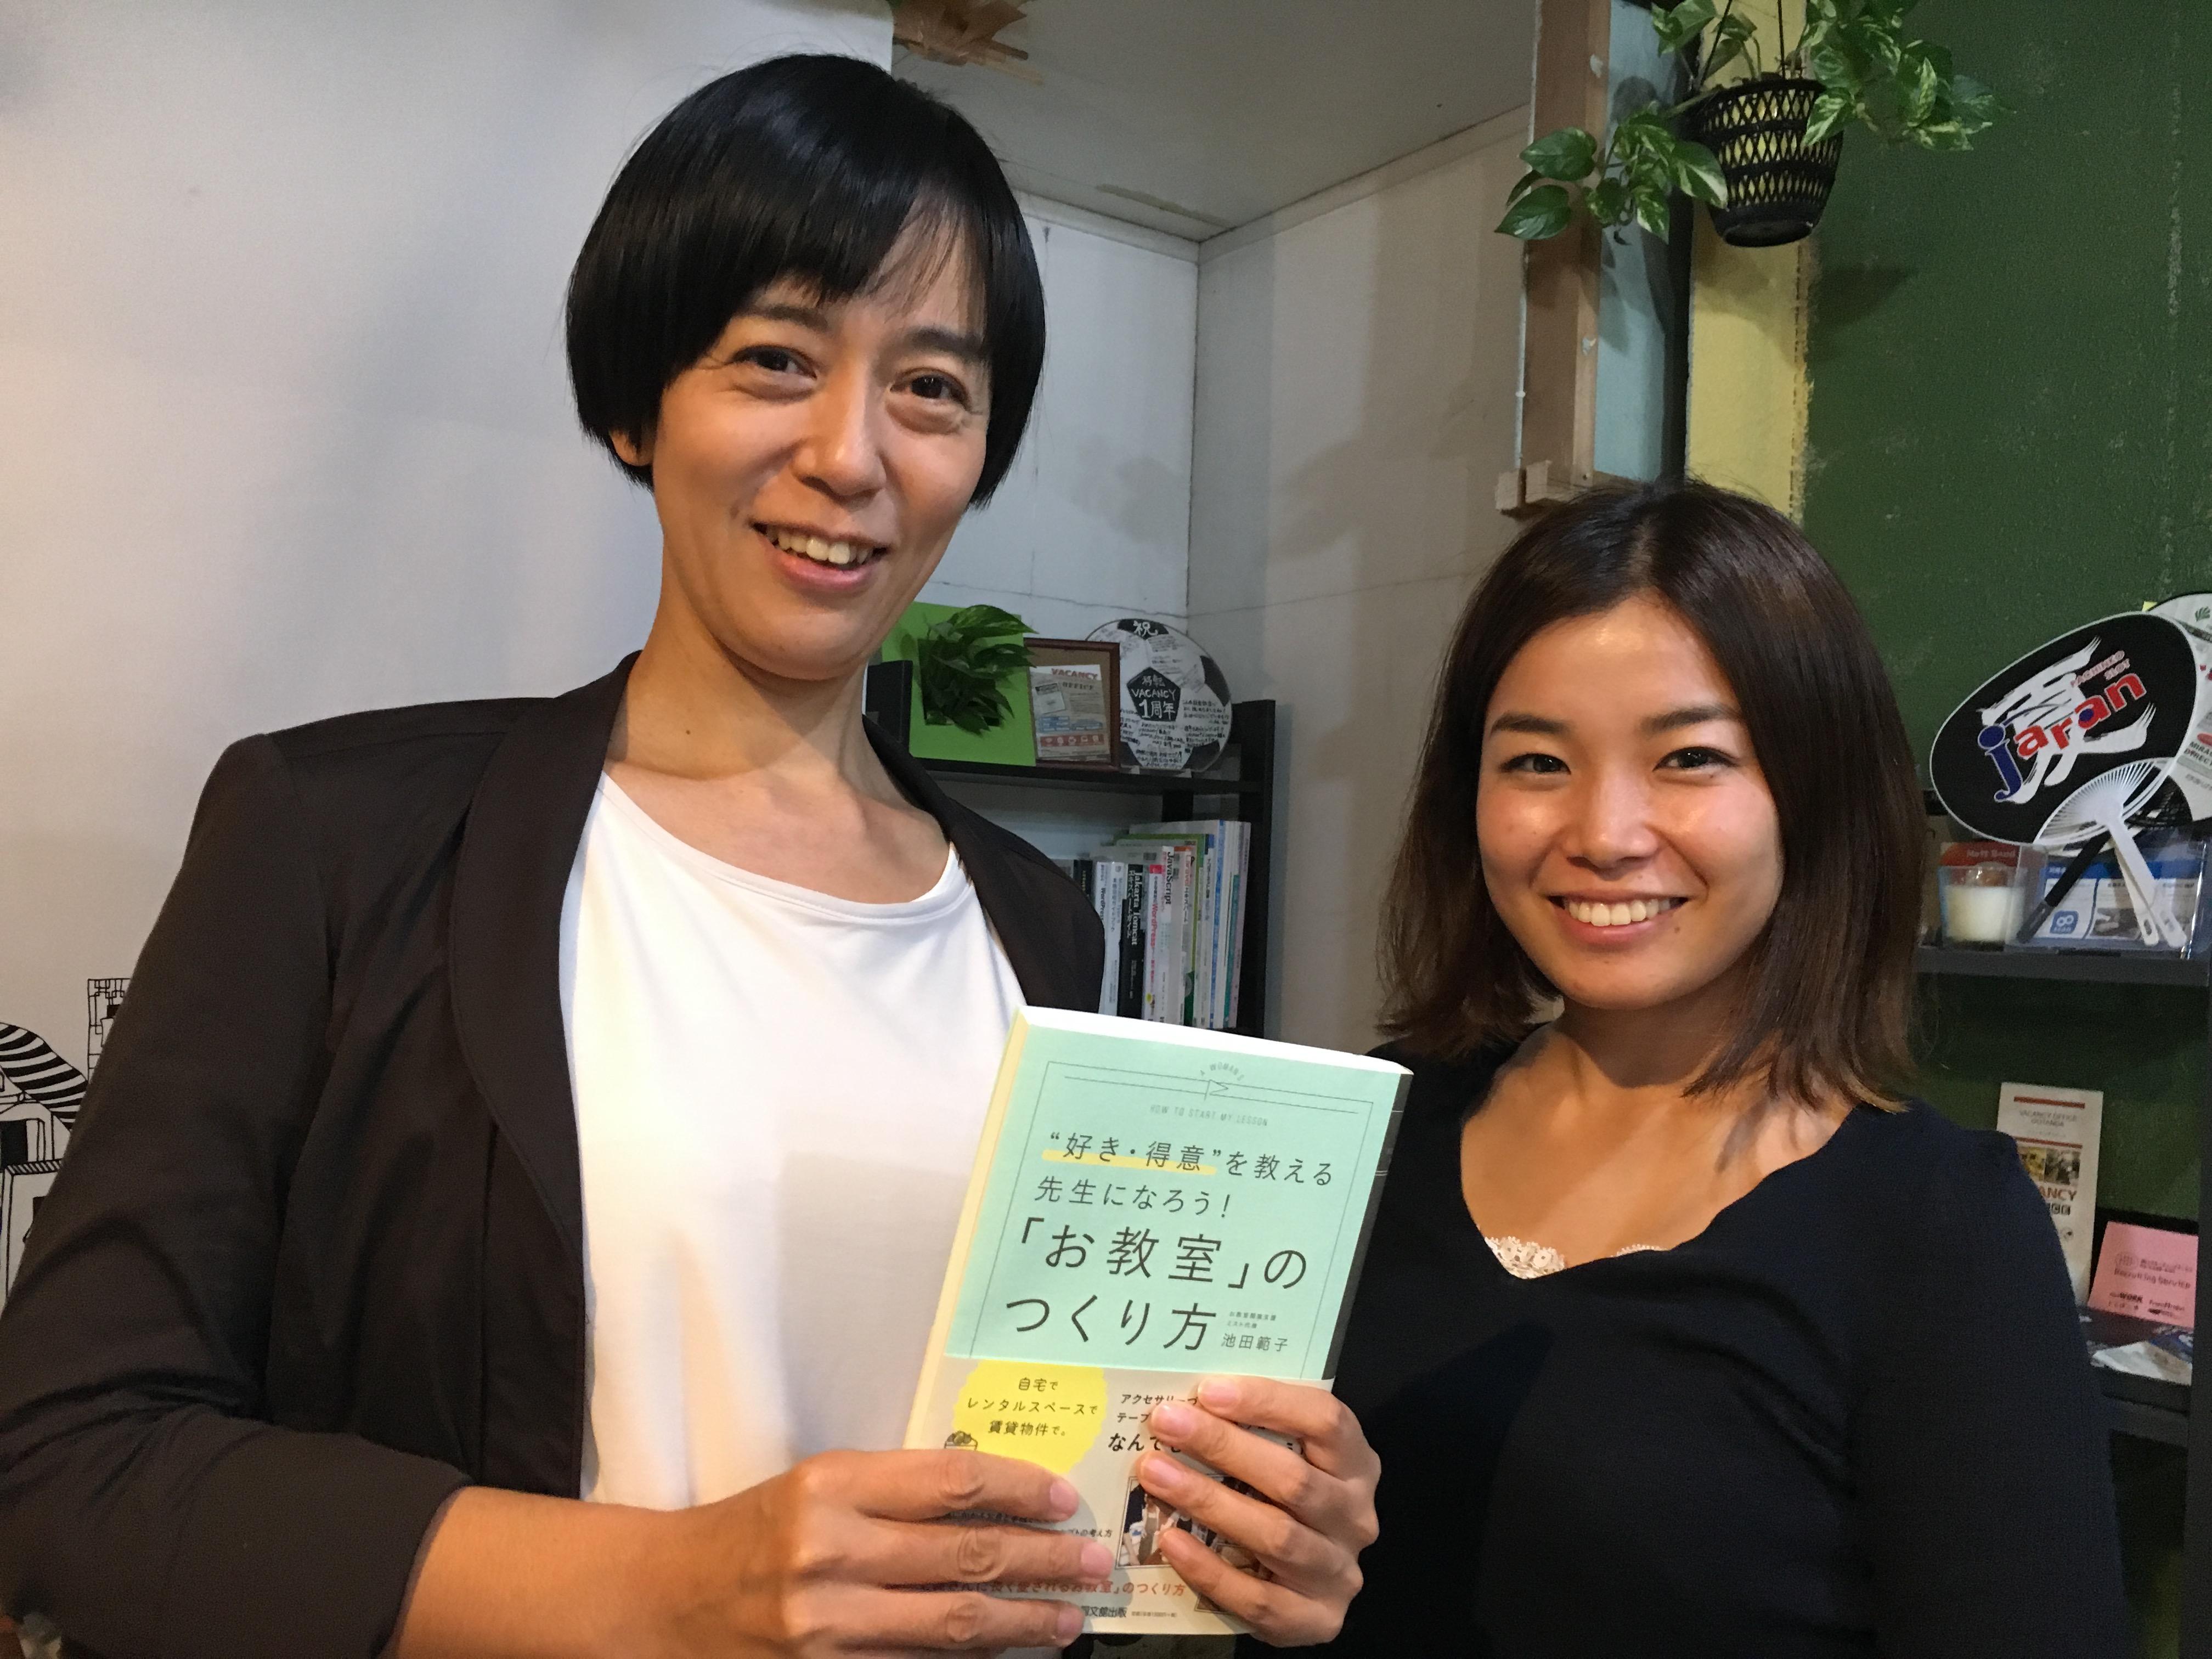 会員さんご紹介シリーズ 【池田範子さま編】